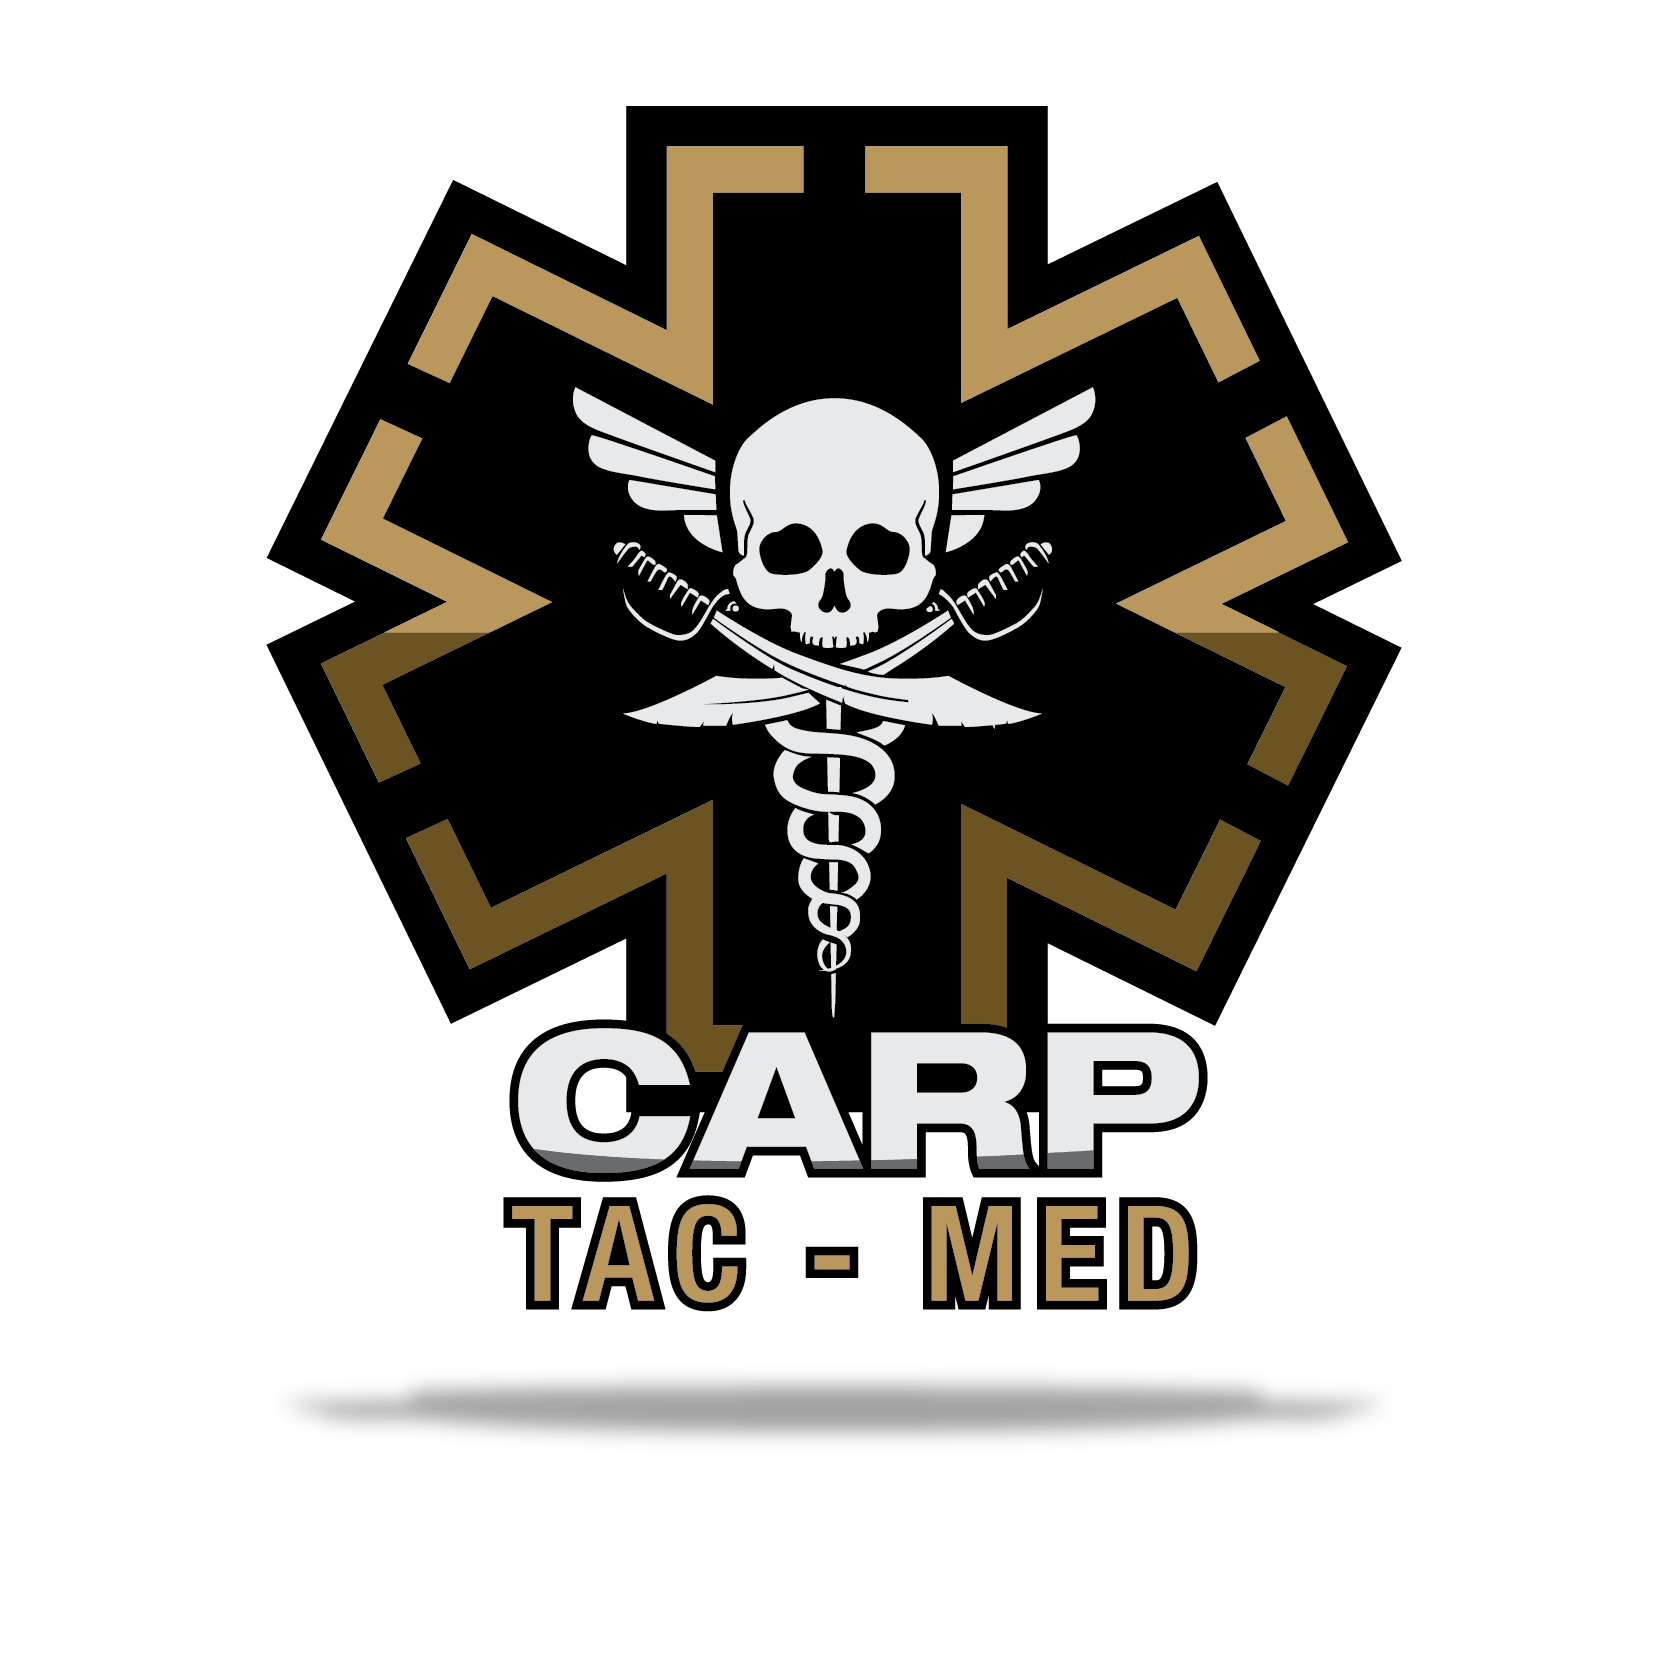 CARP - TACMED